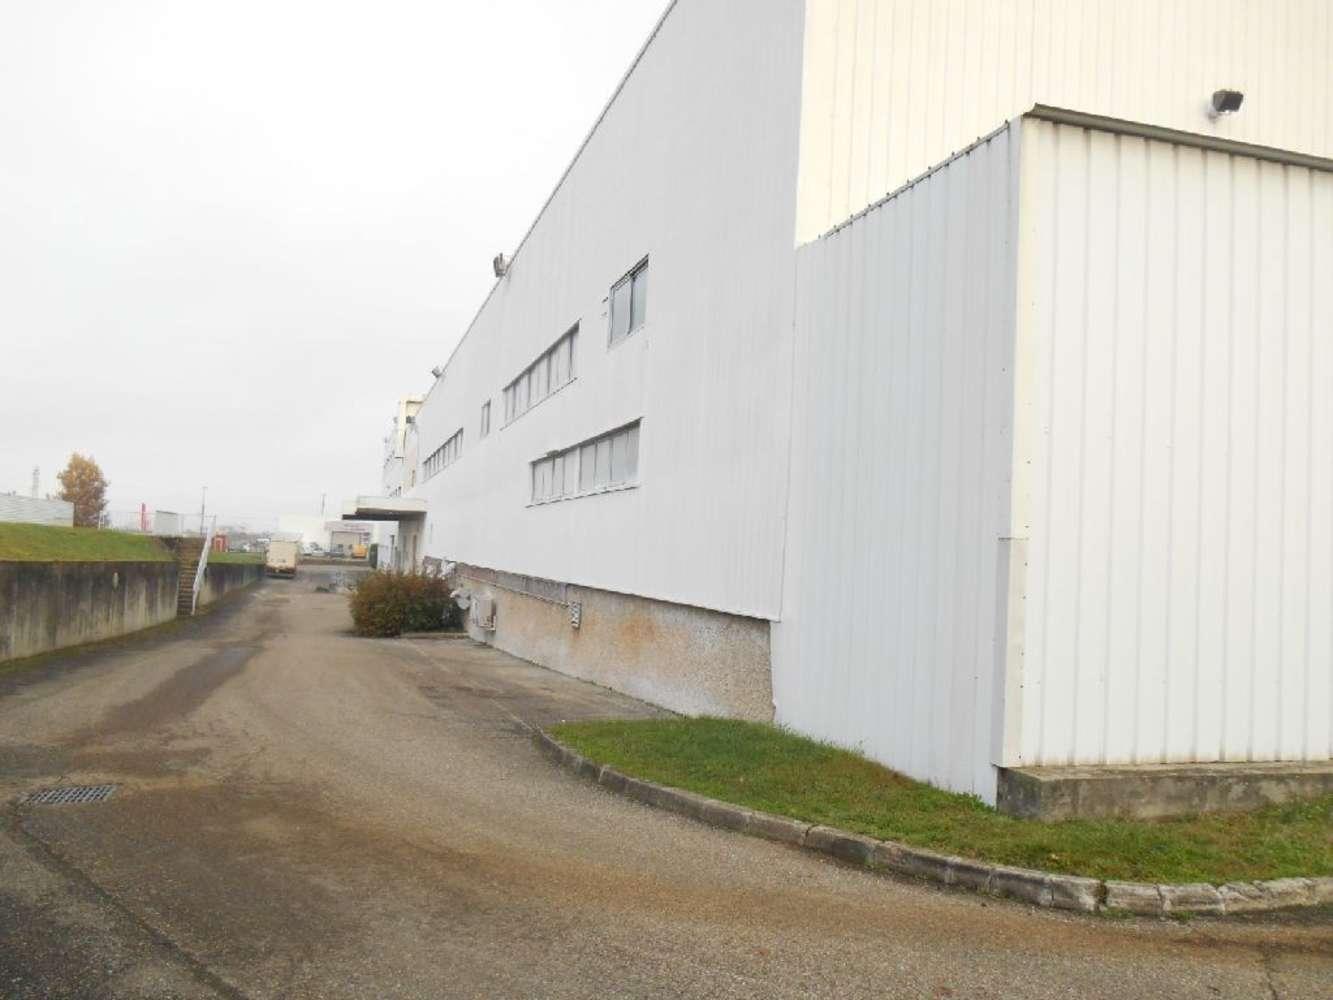 Activités/entrepôt Rillieux la pape, 69140 - Location locaux d'activité Rillieux - 9629689